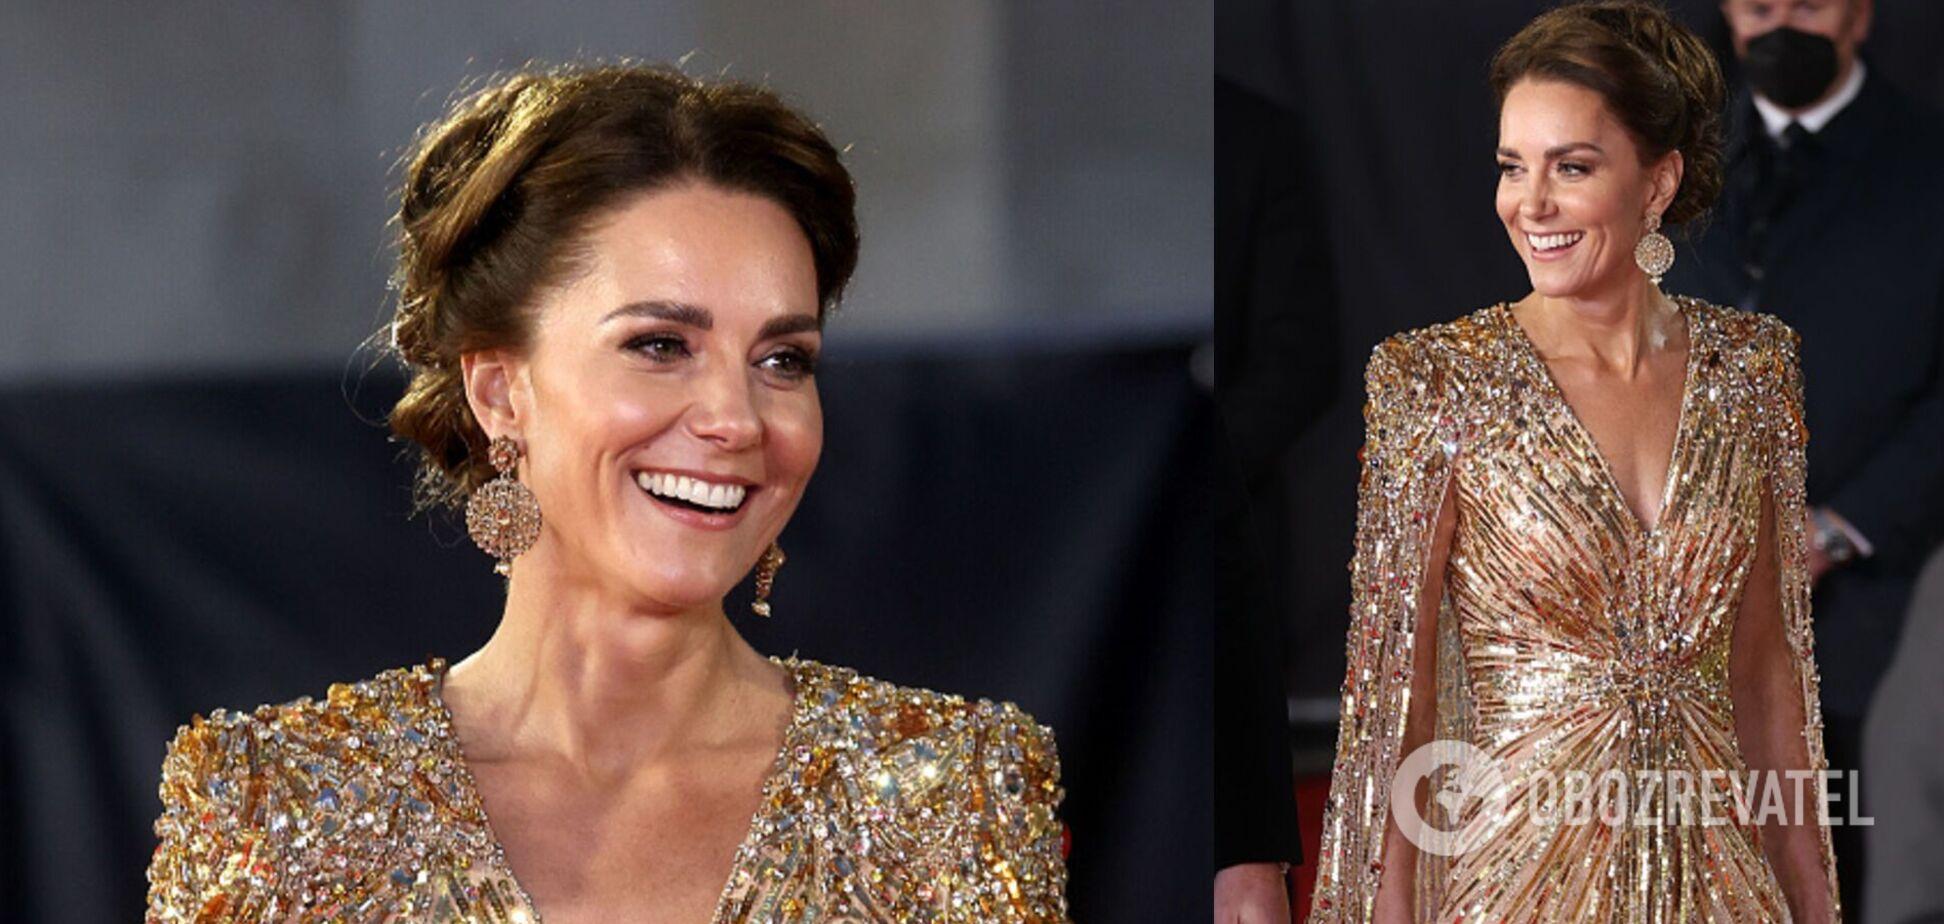 Миддлтон поразила нарядом как у принцессы Дианы на премьере 'Не время умирать': сколько стоит образ. Фото